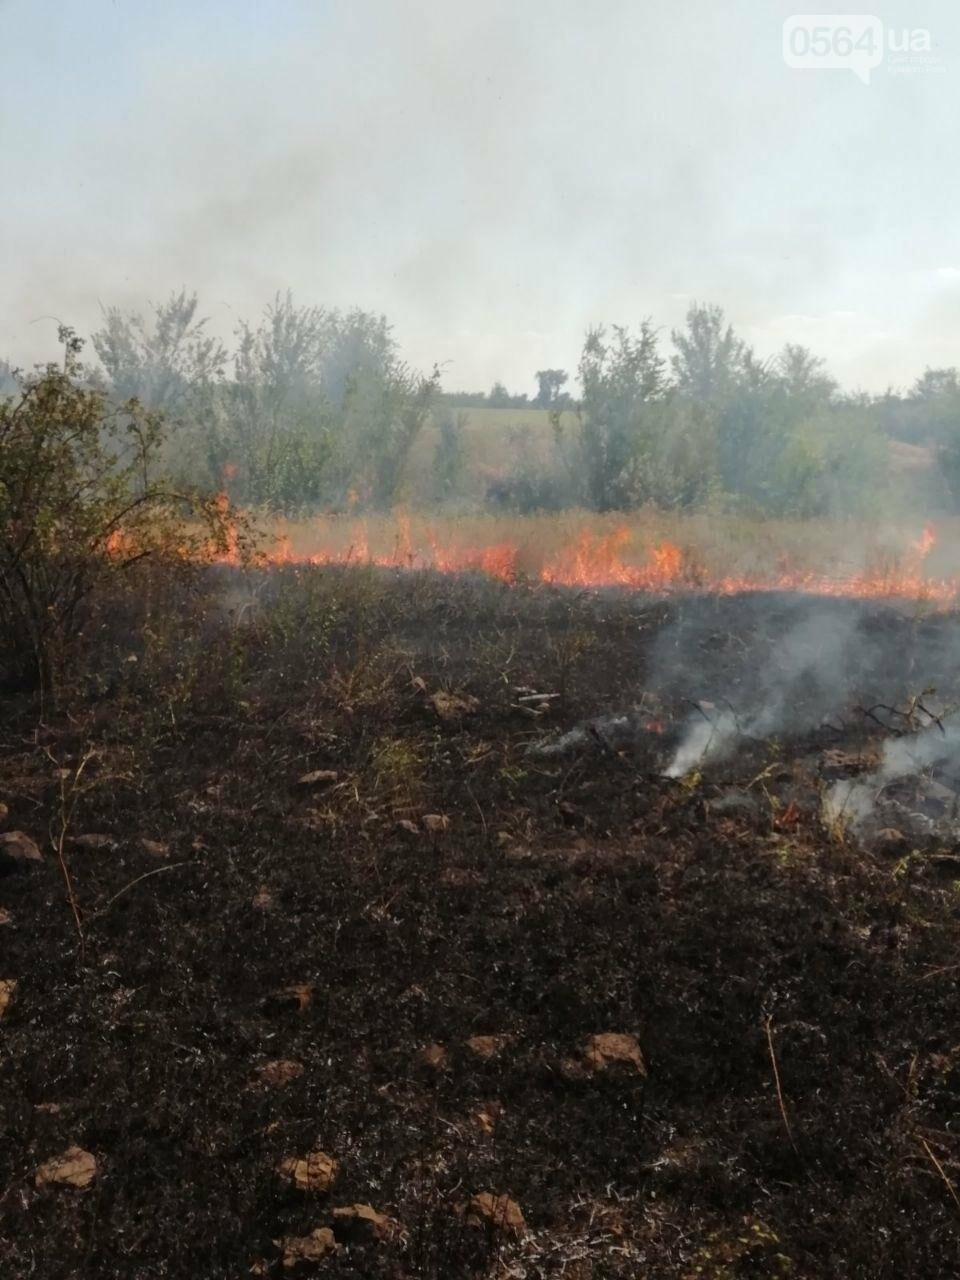 За прошедшие сутки в Кривом Роге произошло 5 пожаров в эко-системе, - ФОТО , фото-1